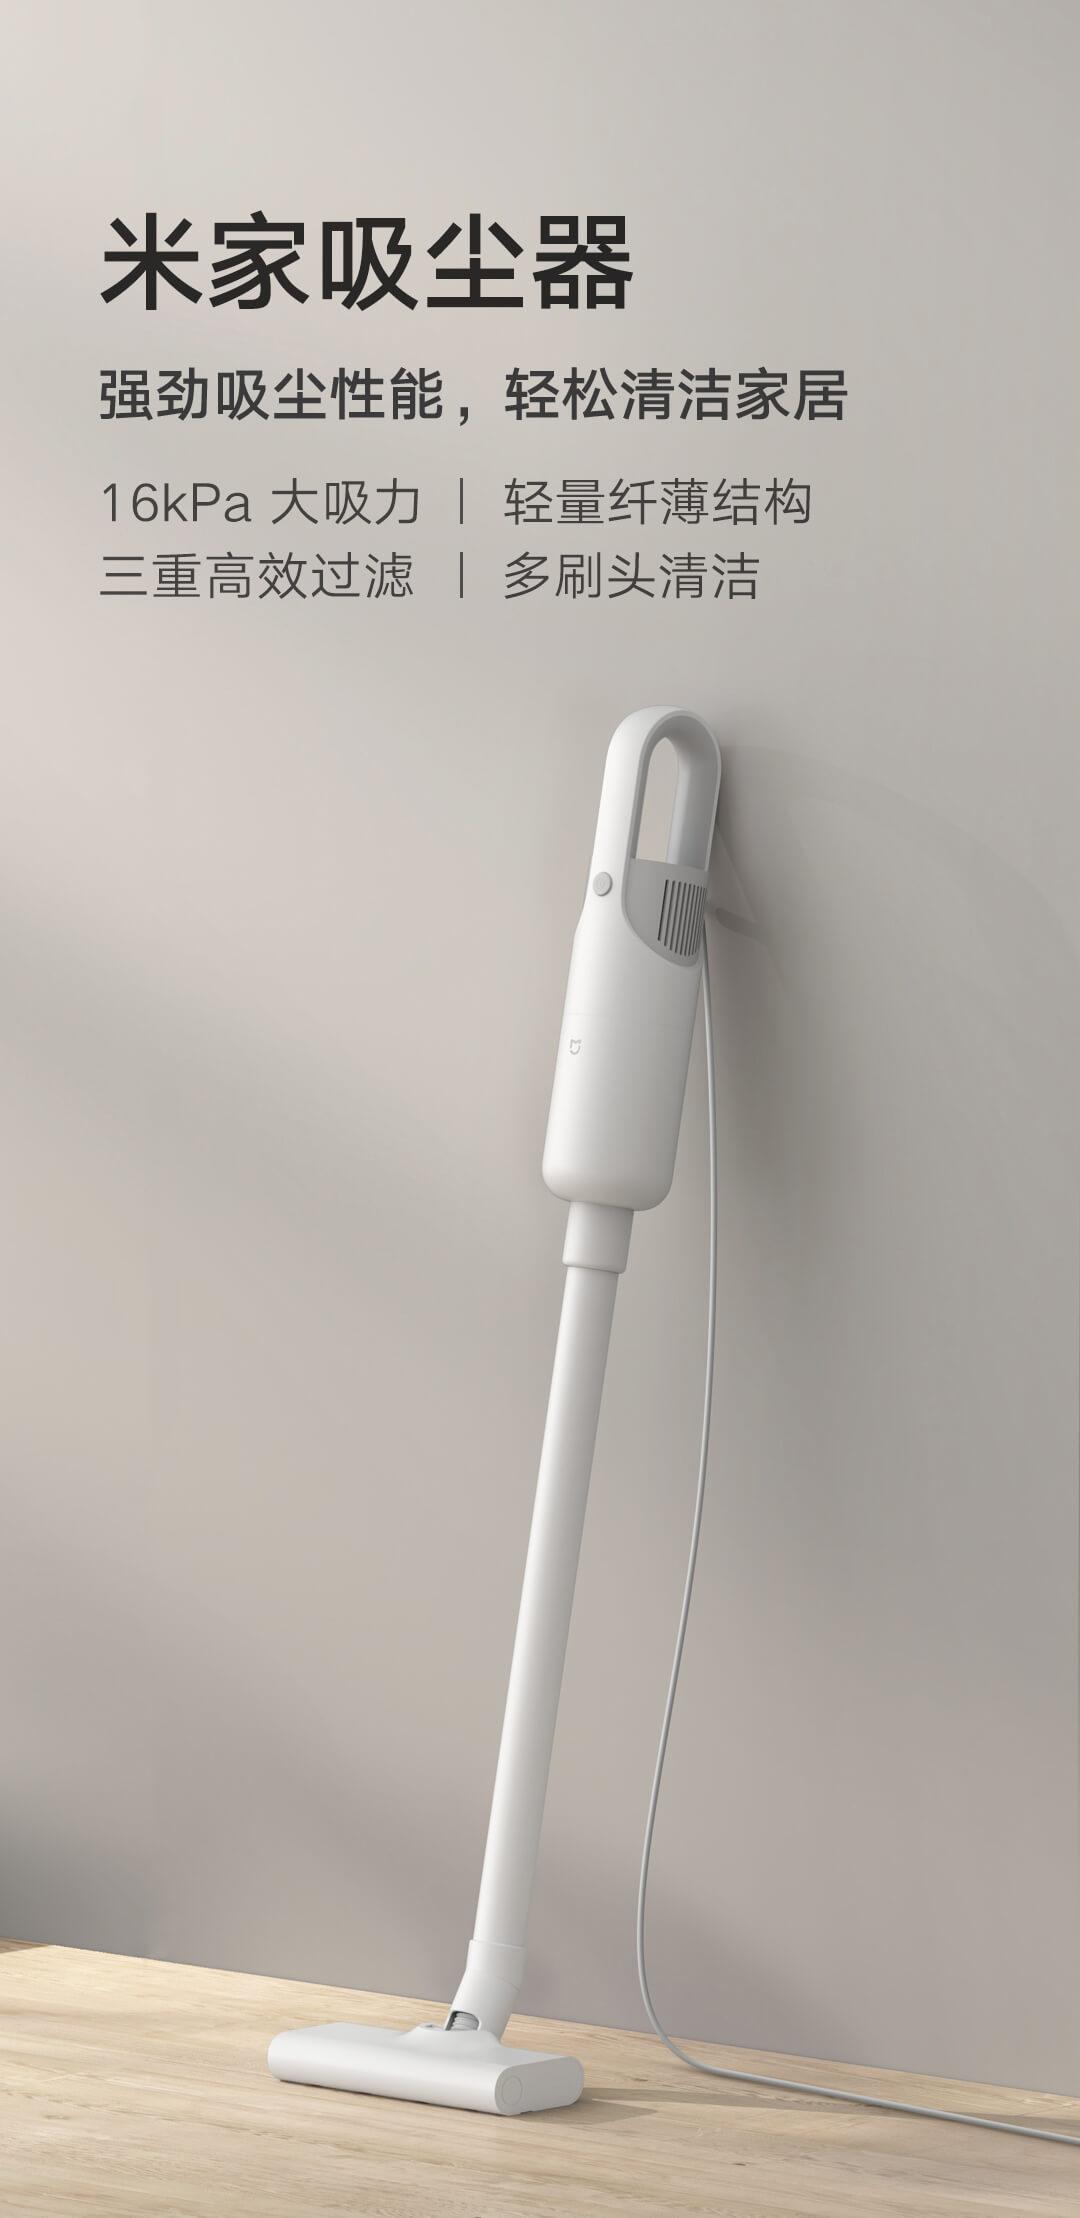 Aspirador Xiaomi MJXCQ01DY, el más barato de Xiaomi - Noticias Xiaomi